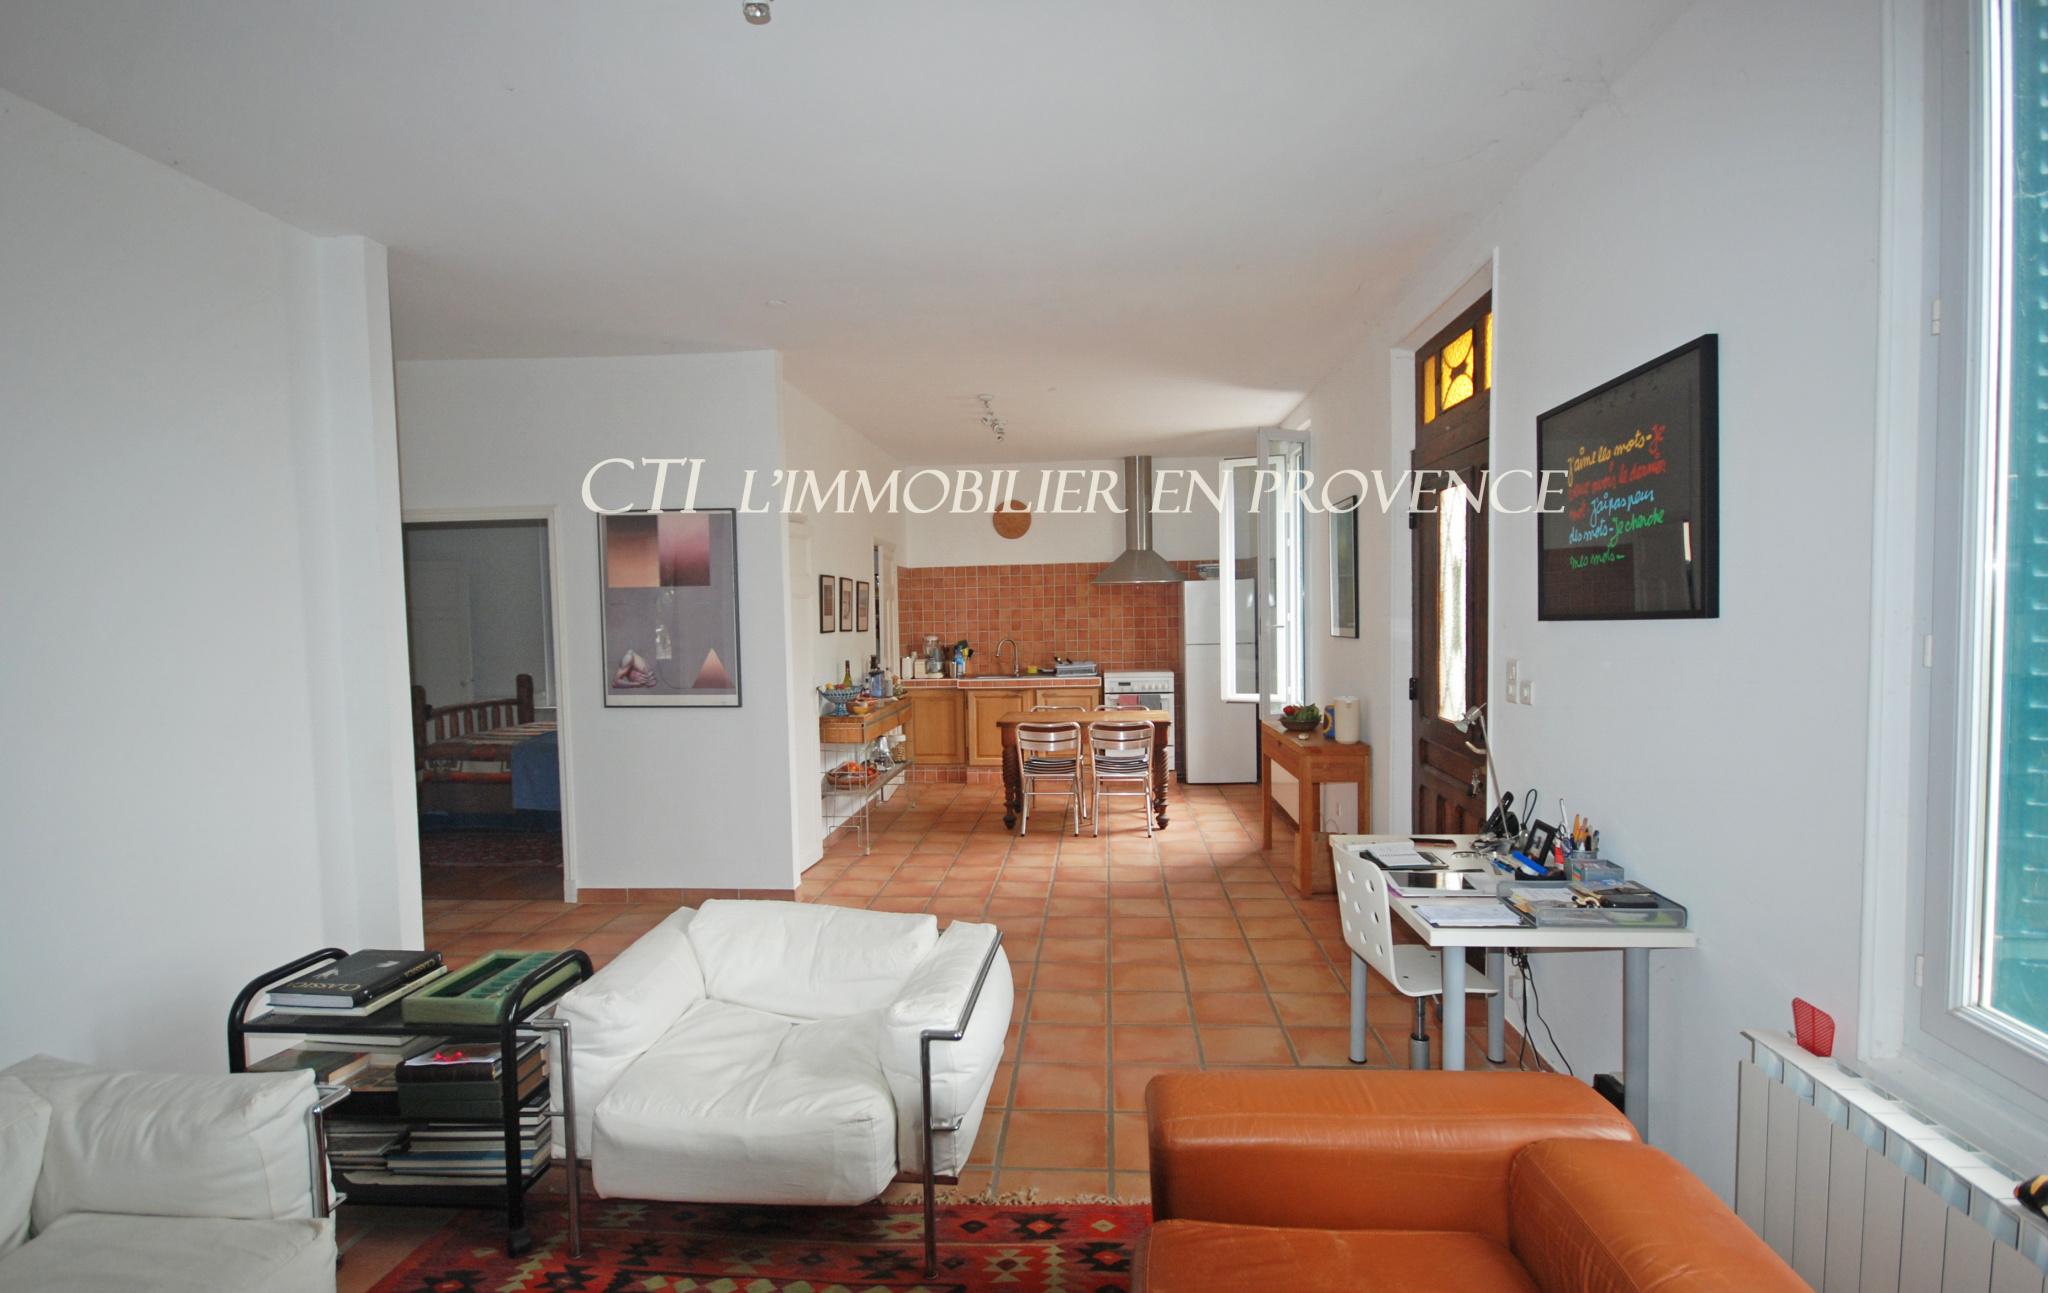 0 www.cti-provence.net  BELLE MAISON ANNEES 30 VUE MONT-VENTOUX DENTELLES - MONTMIRAIL JARDIN CONSTR